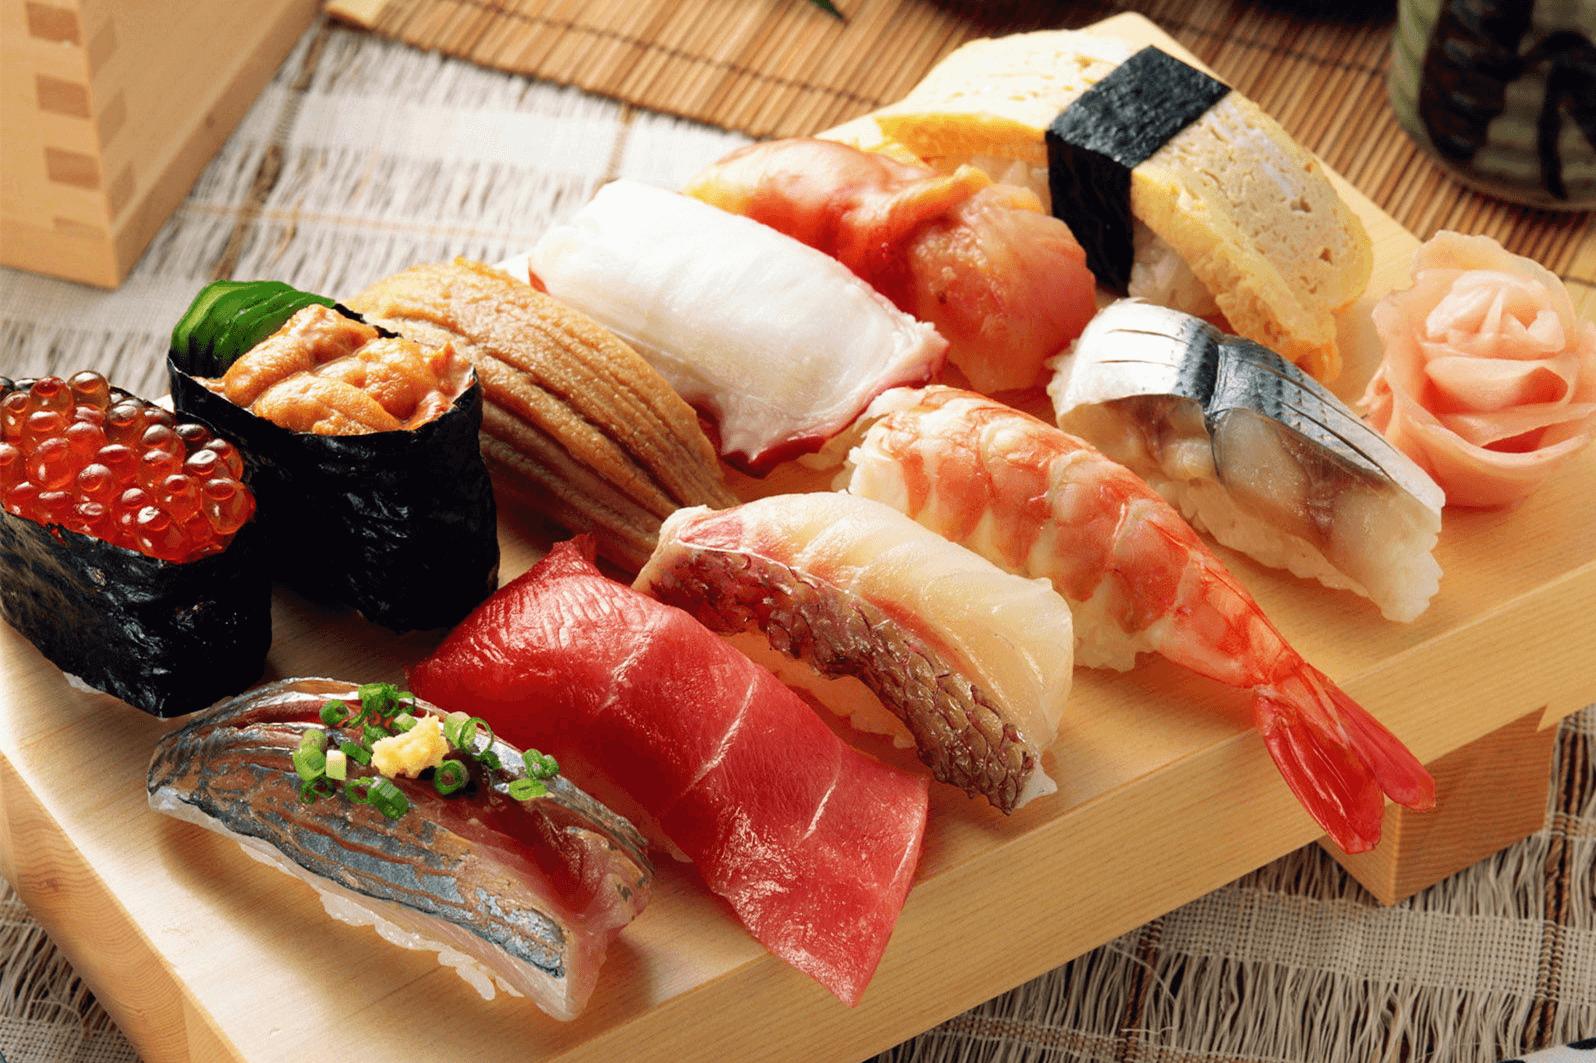 寿司店的寿司多少钱